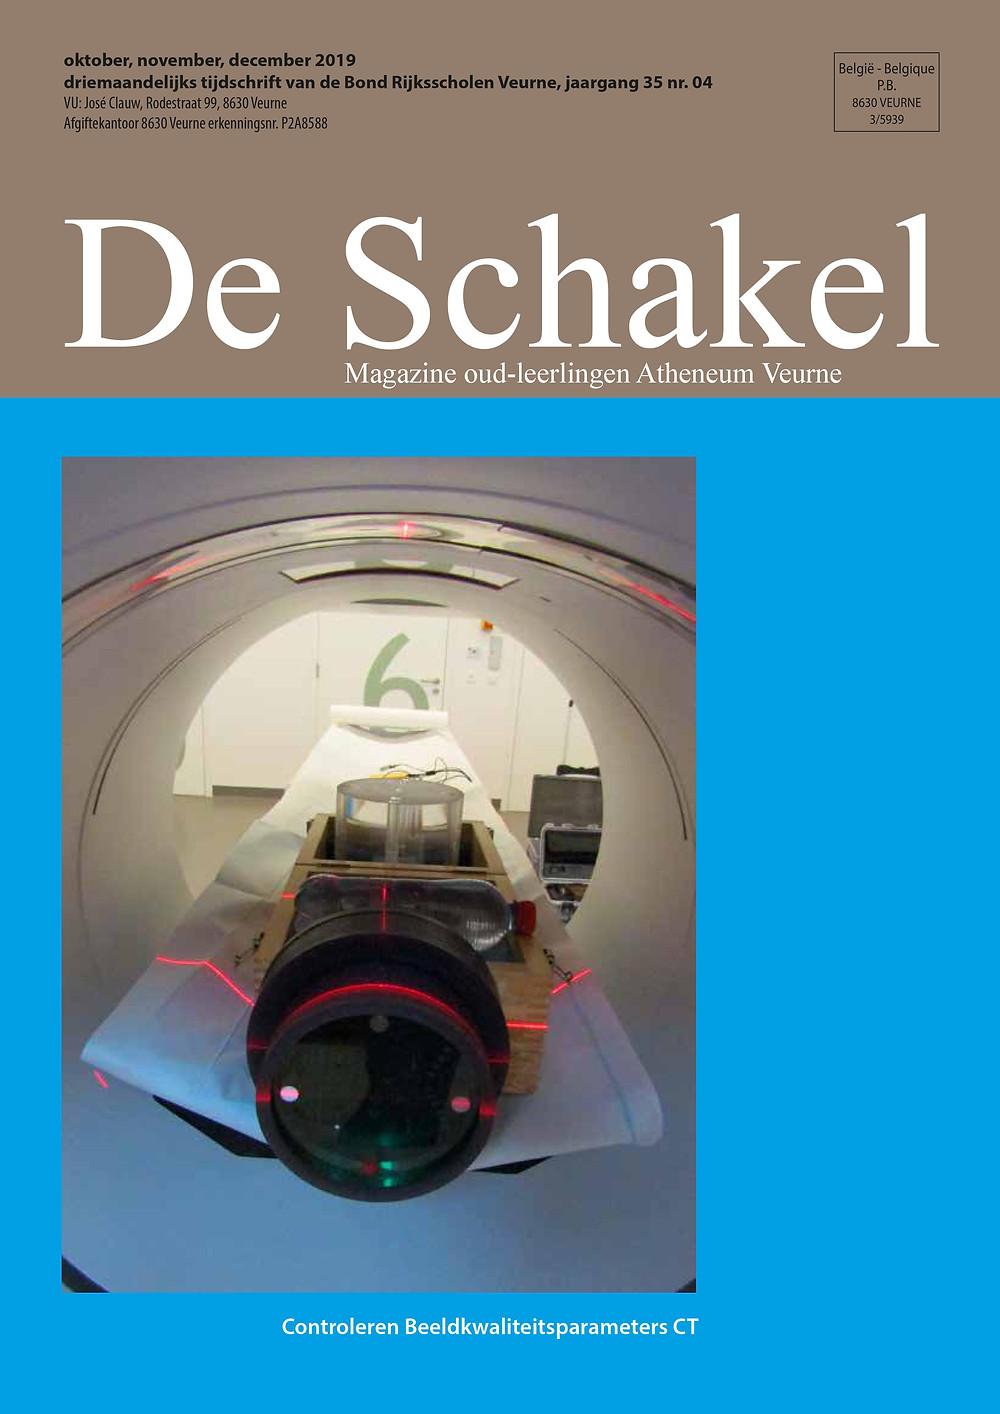 De Schakel, septembernummer 2019, magazine oud-leerlingen atheneum Veurne